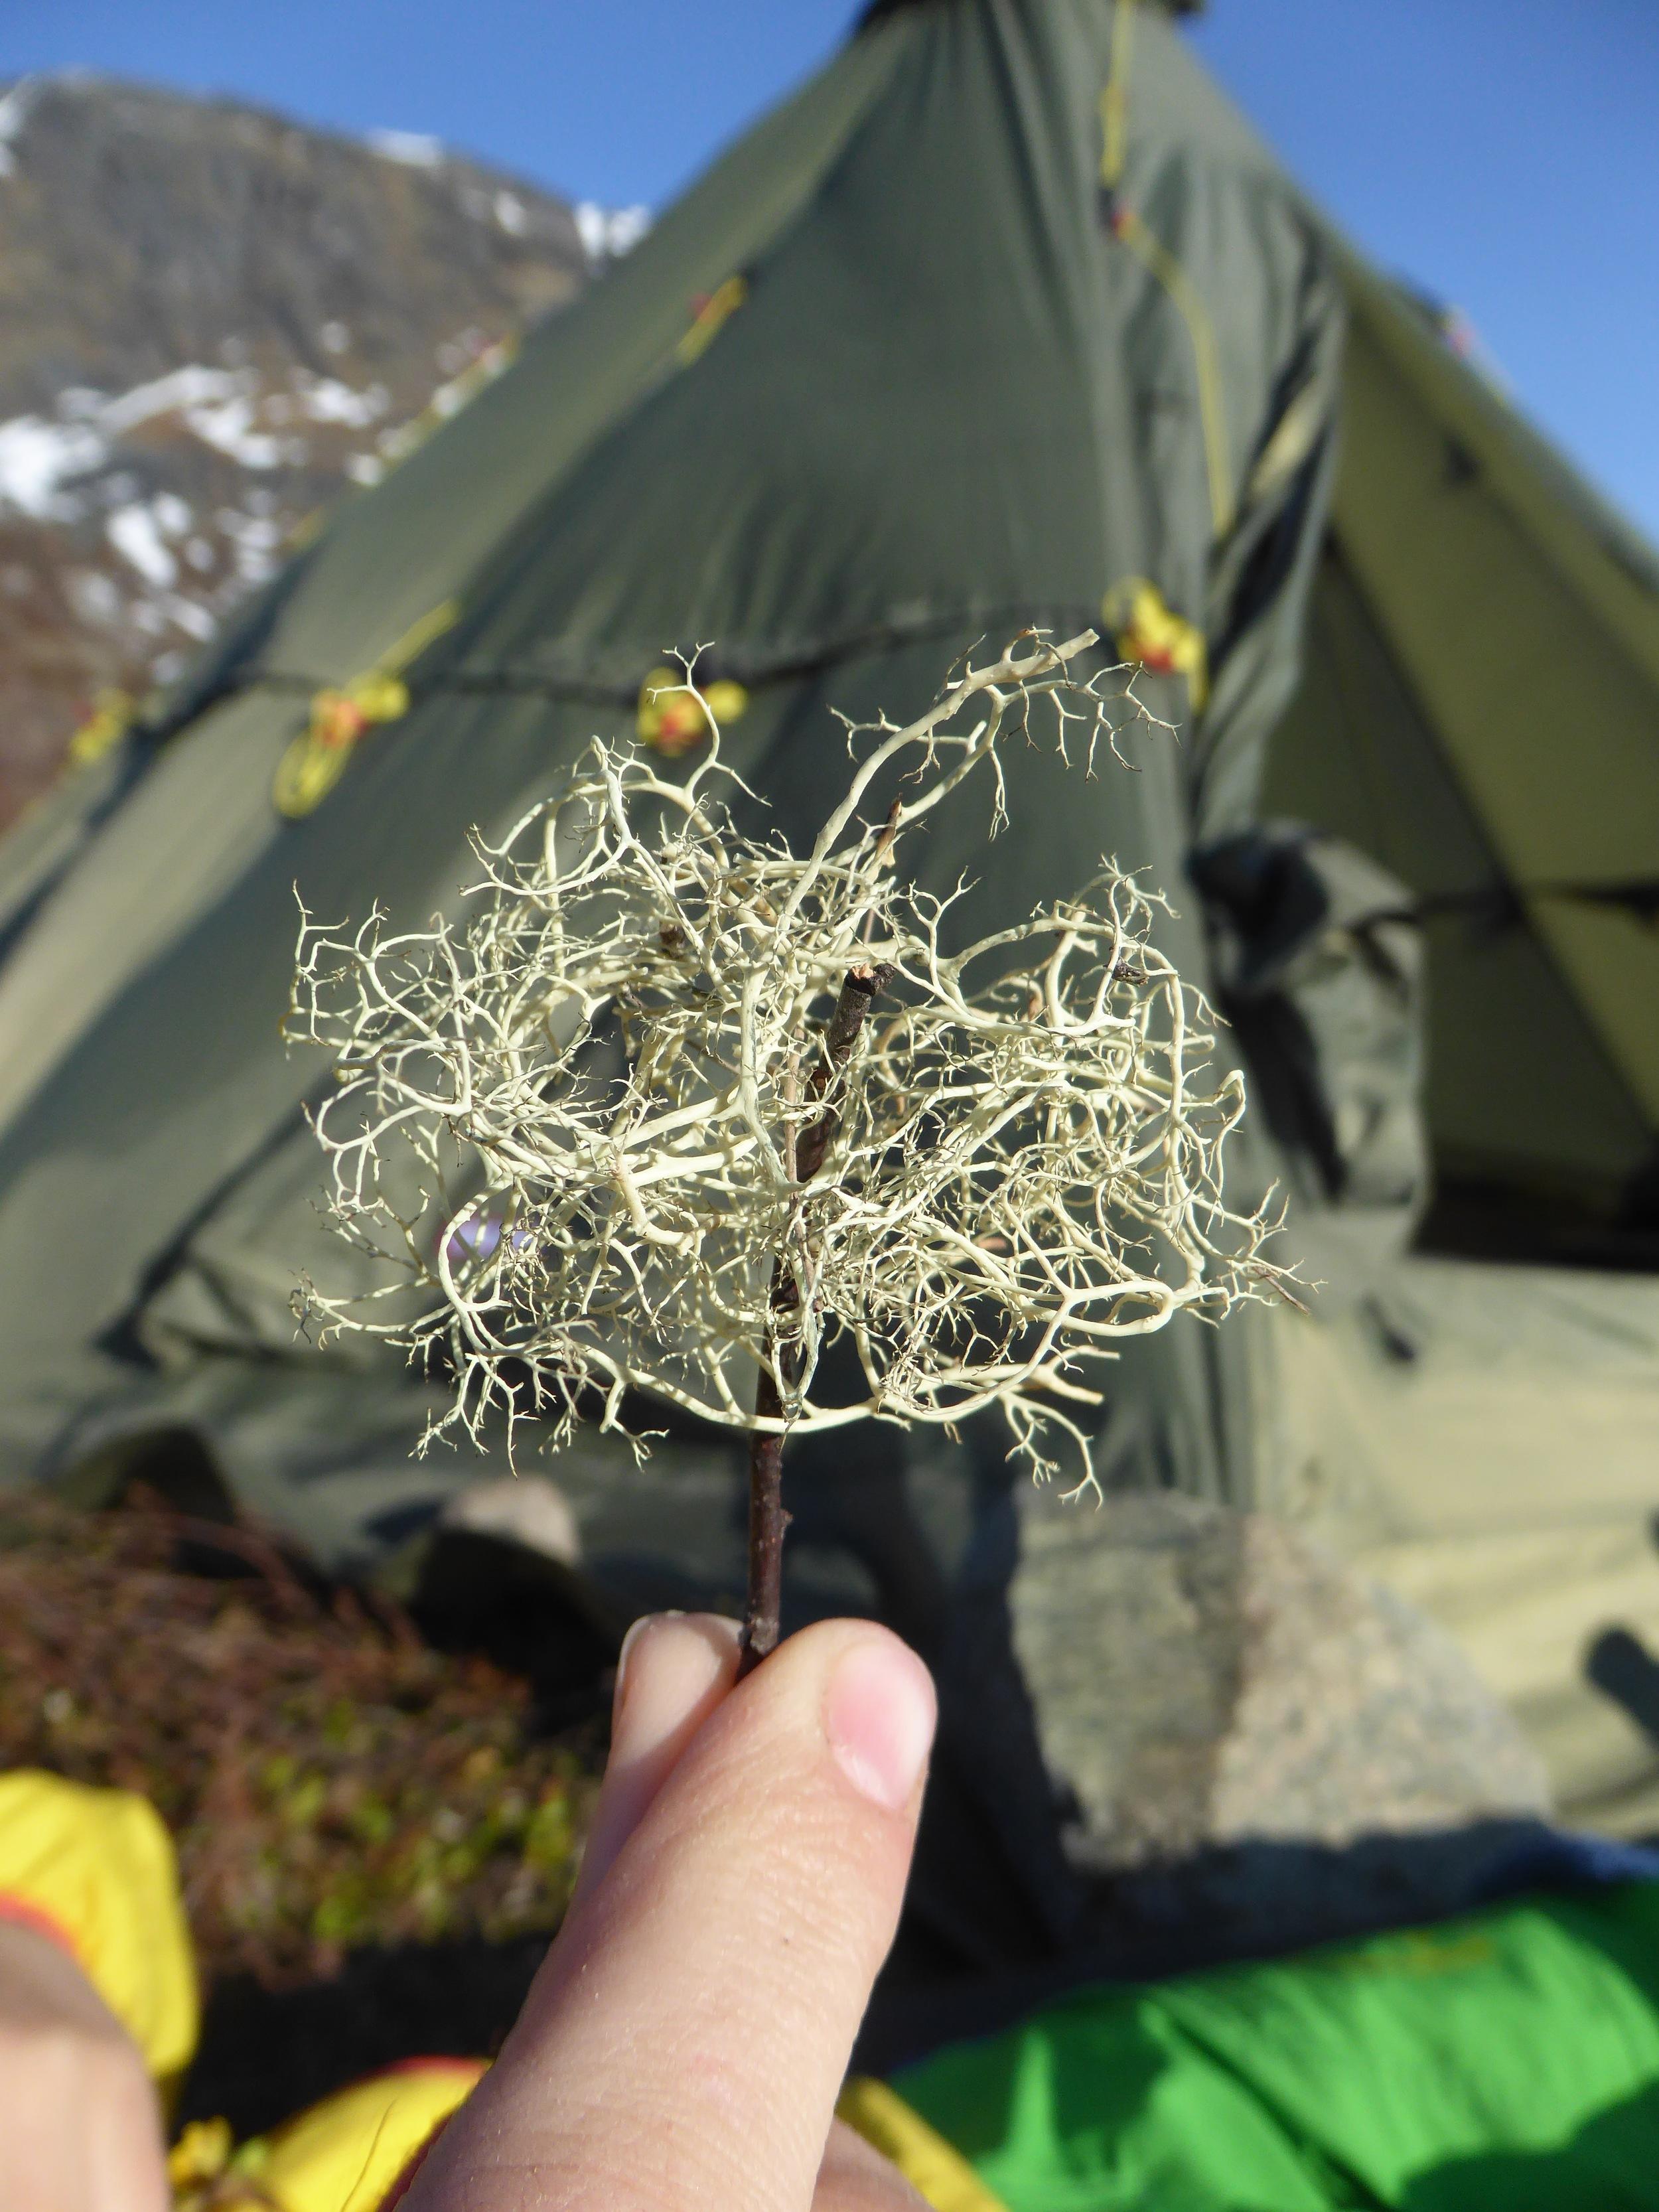 Reinsdyras mat omgjort til et tre